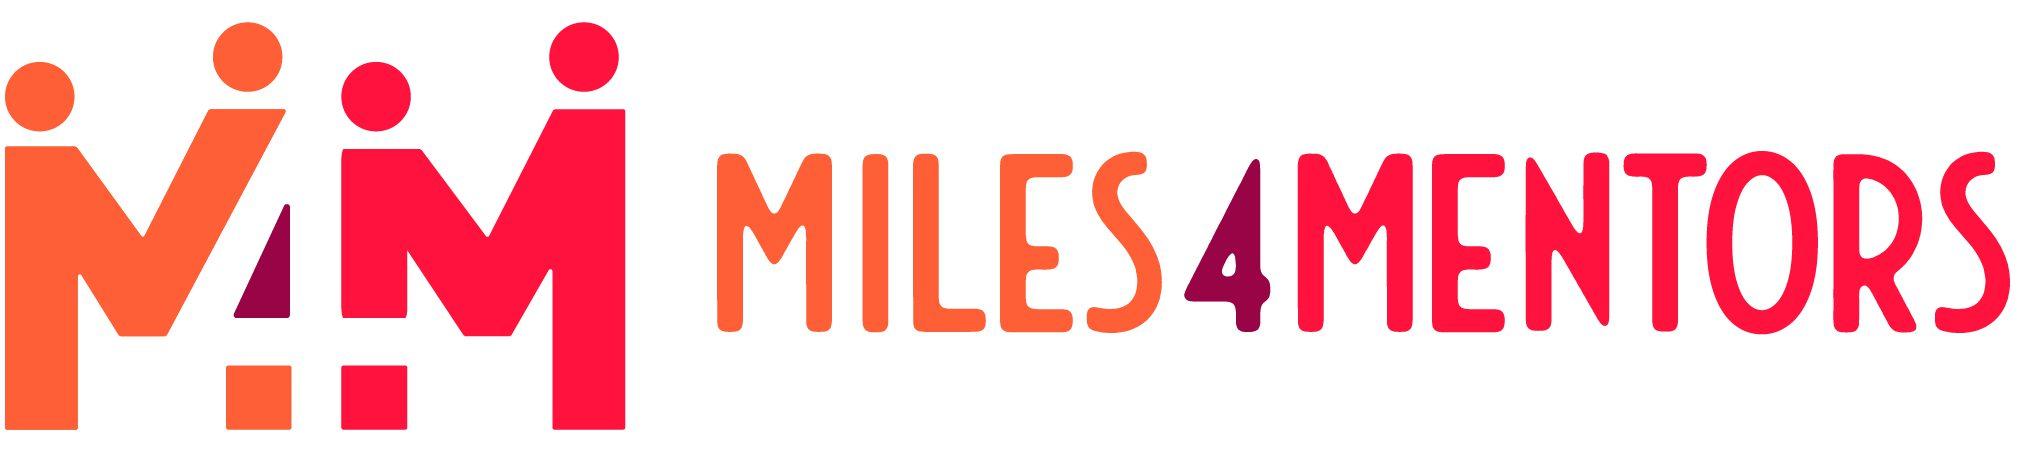 Miles4Mentors.com